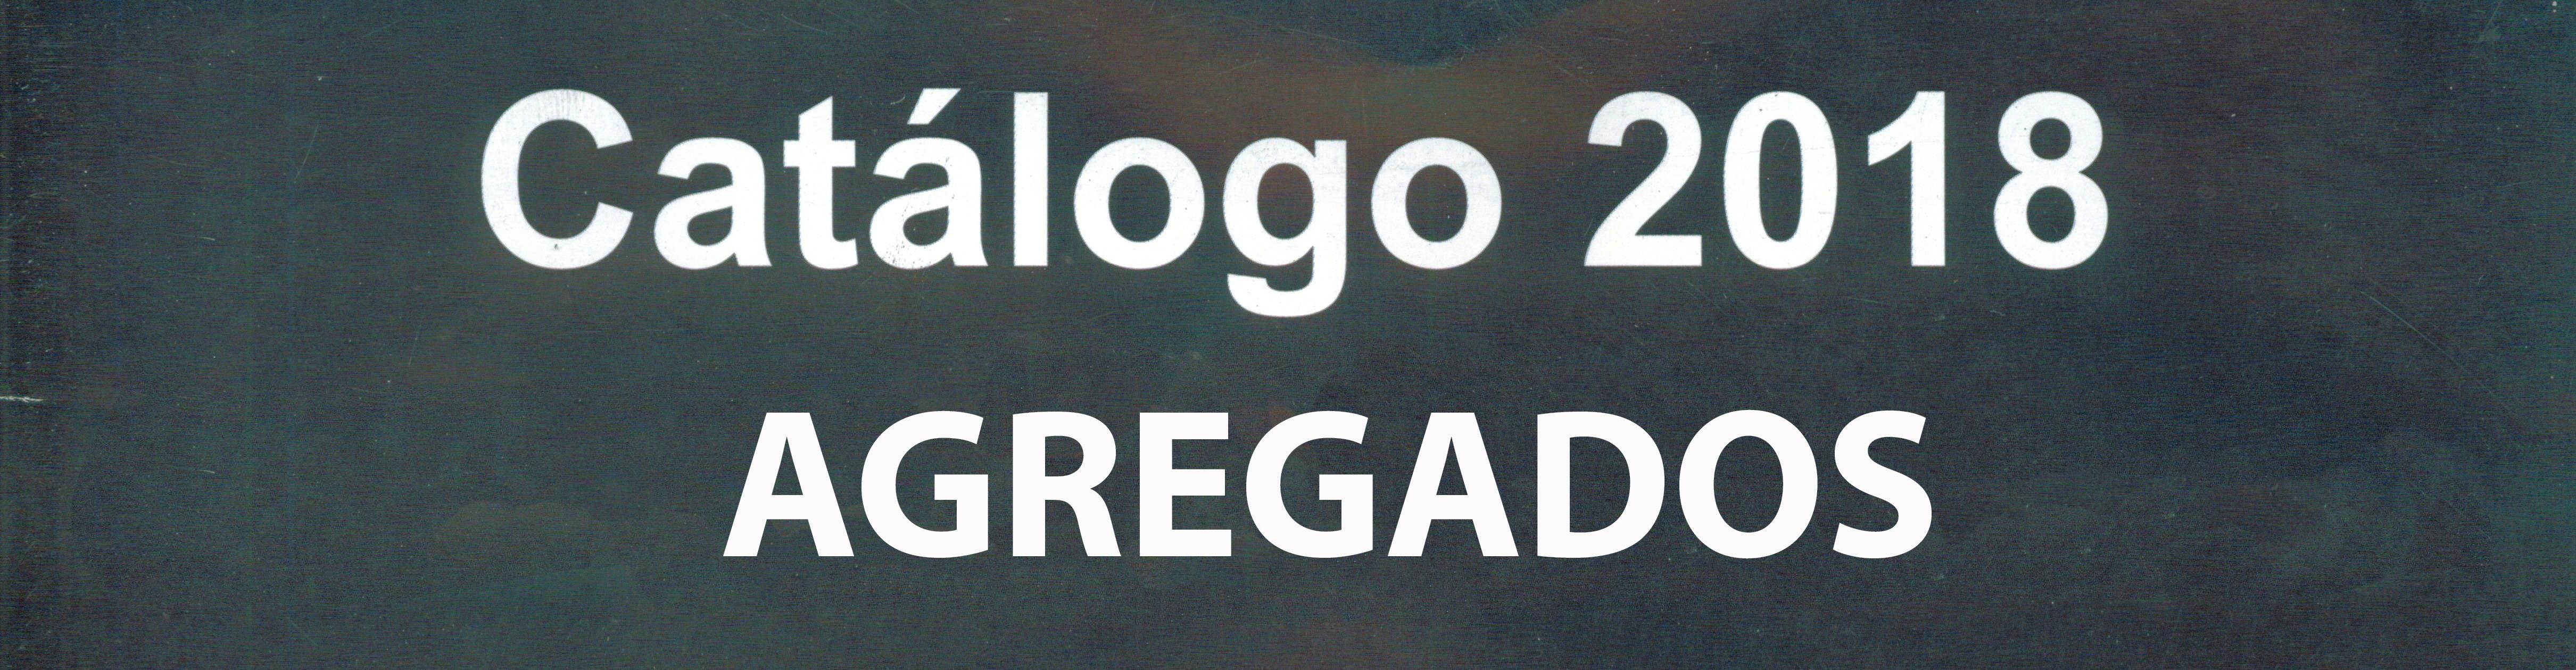 AGREGADOS CATALOGO 2018 (MARZO 2020)